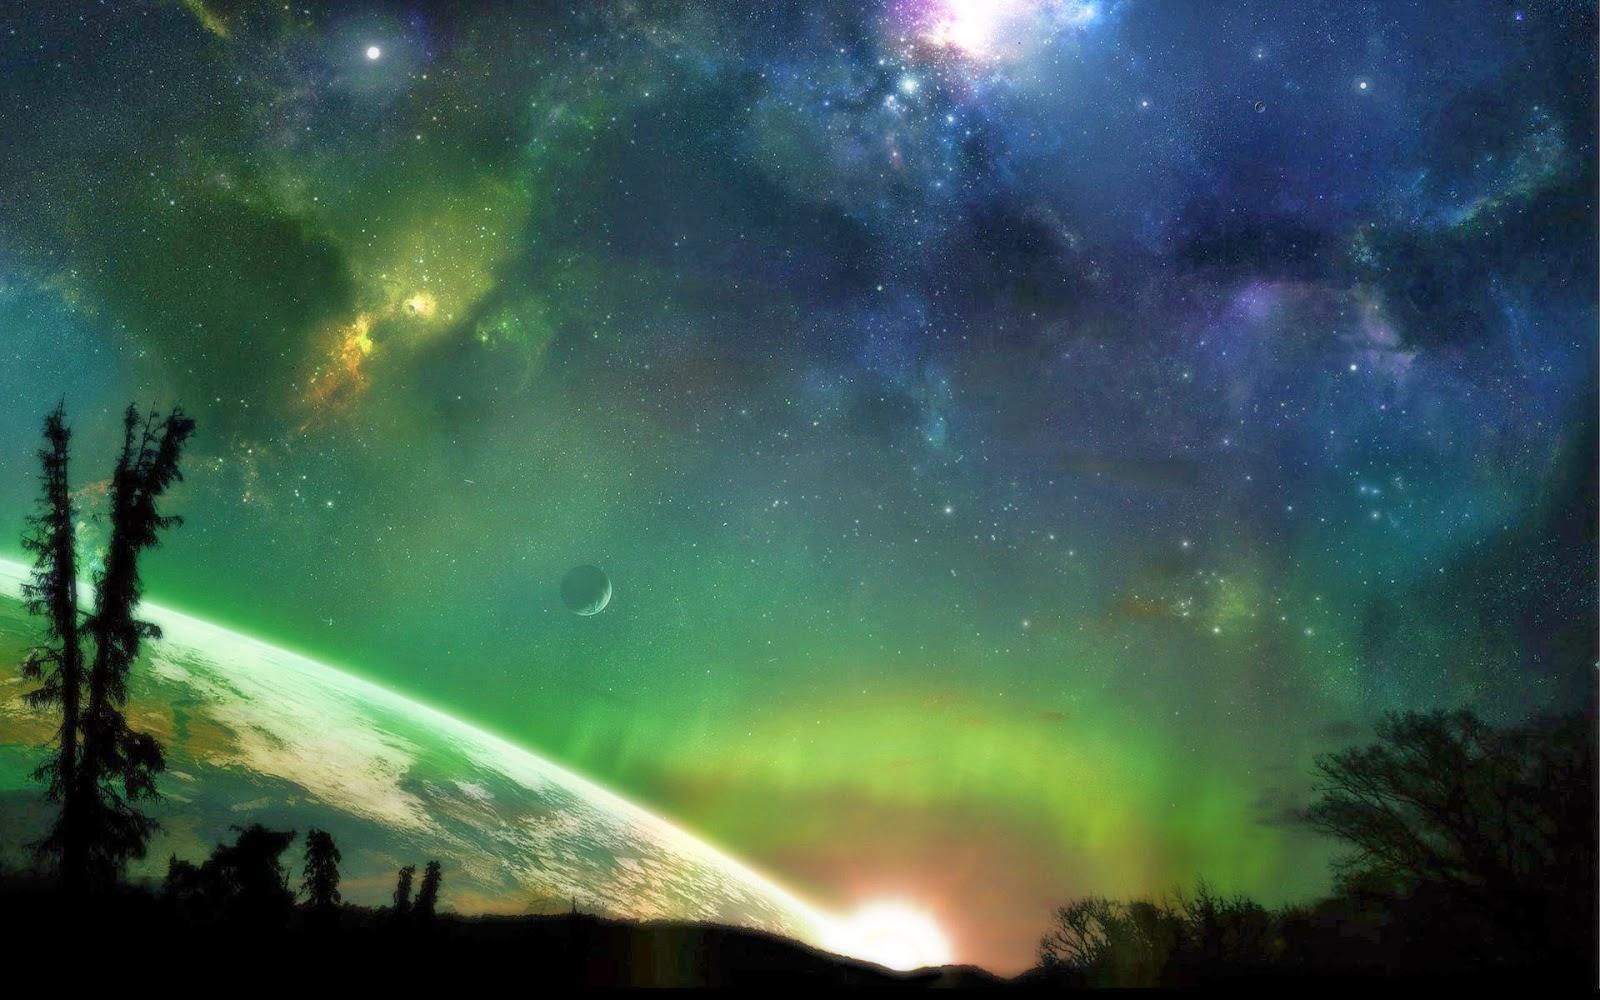 fondo de pantalla abstracto el espacio planeta imagenes